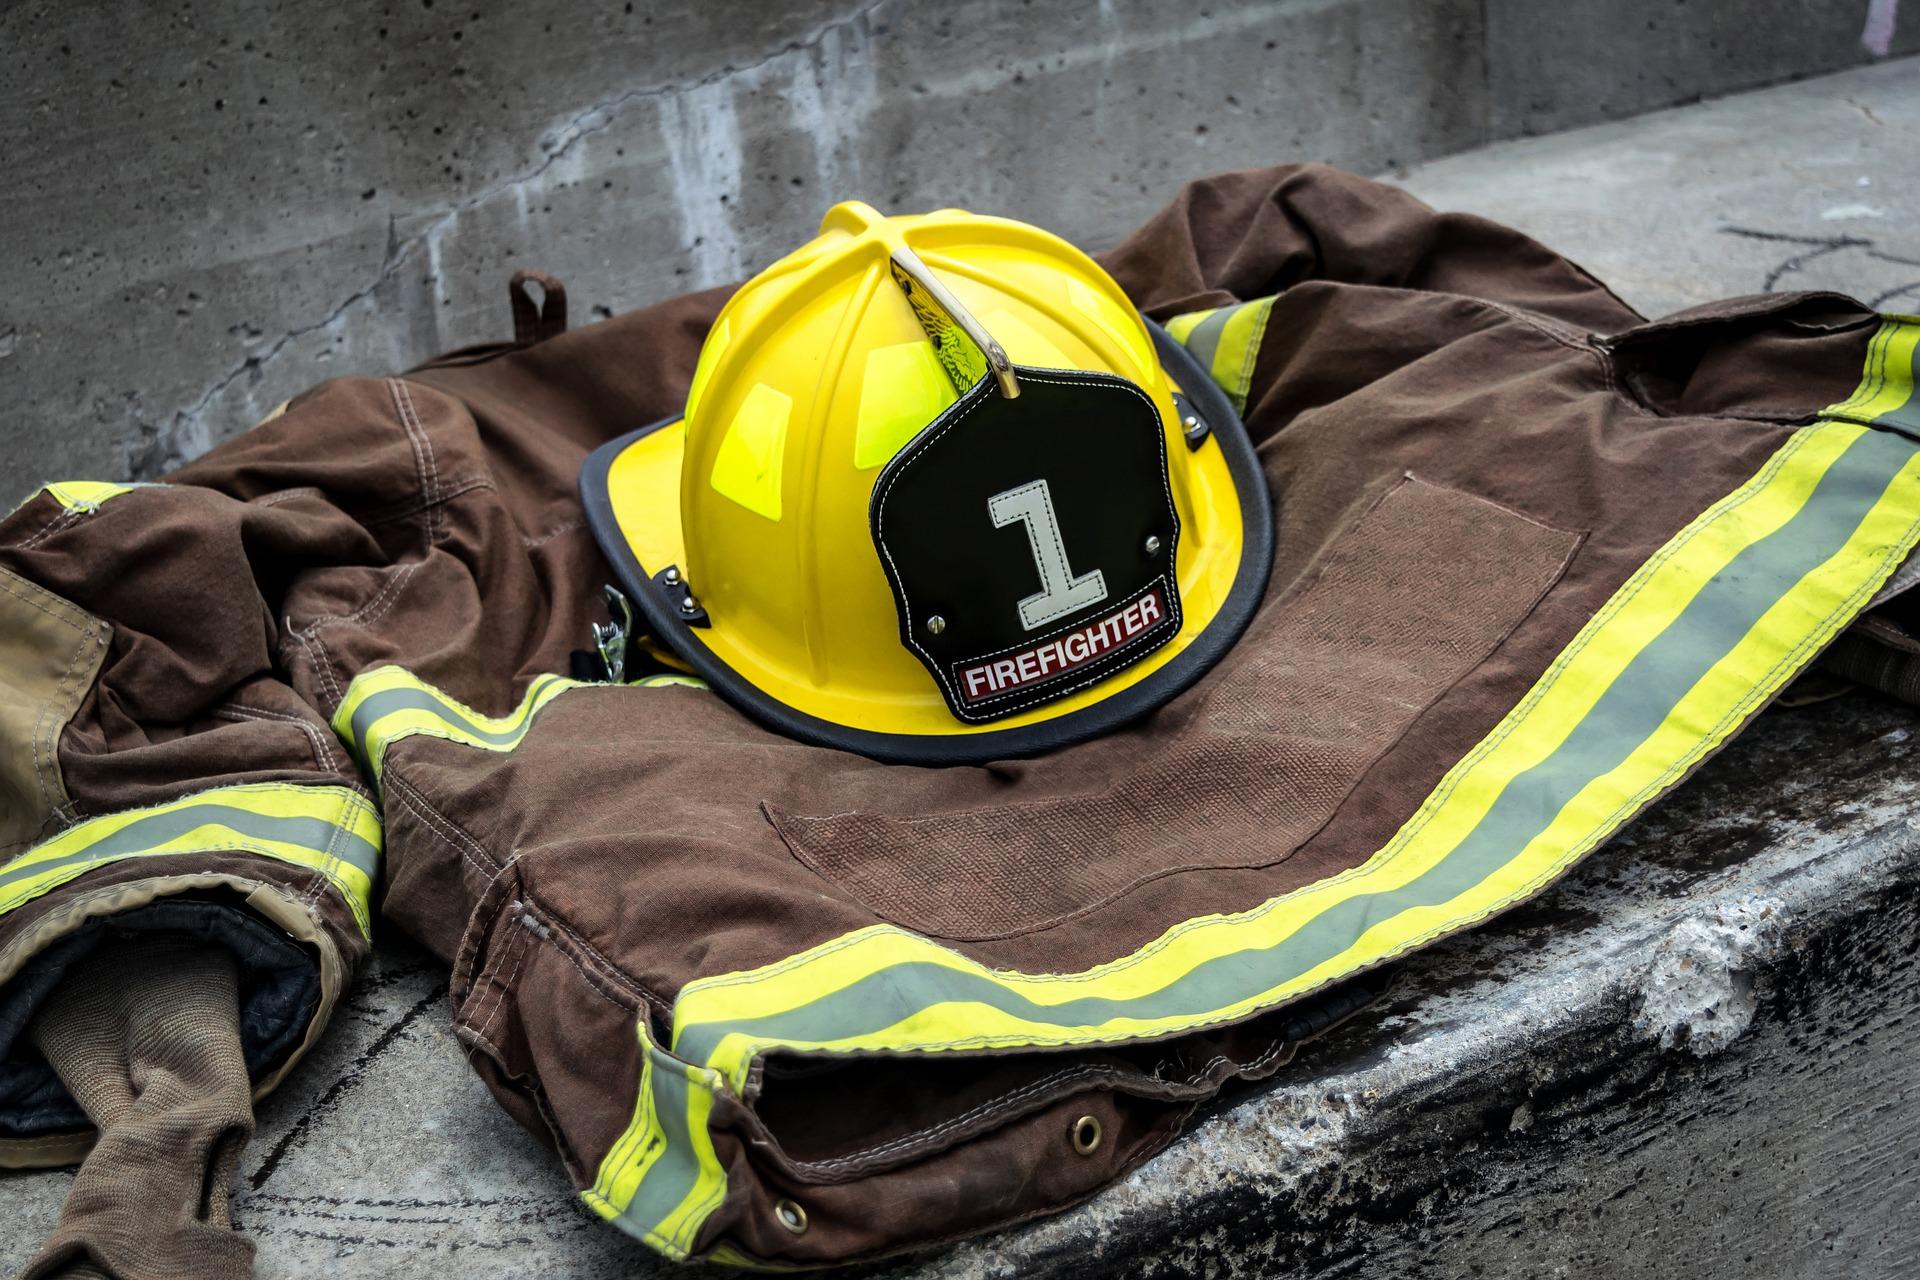 消防士, 衣料品, 作業, ヒーロー, 制服 - HD の壁紙 - 教授-falken.com